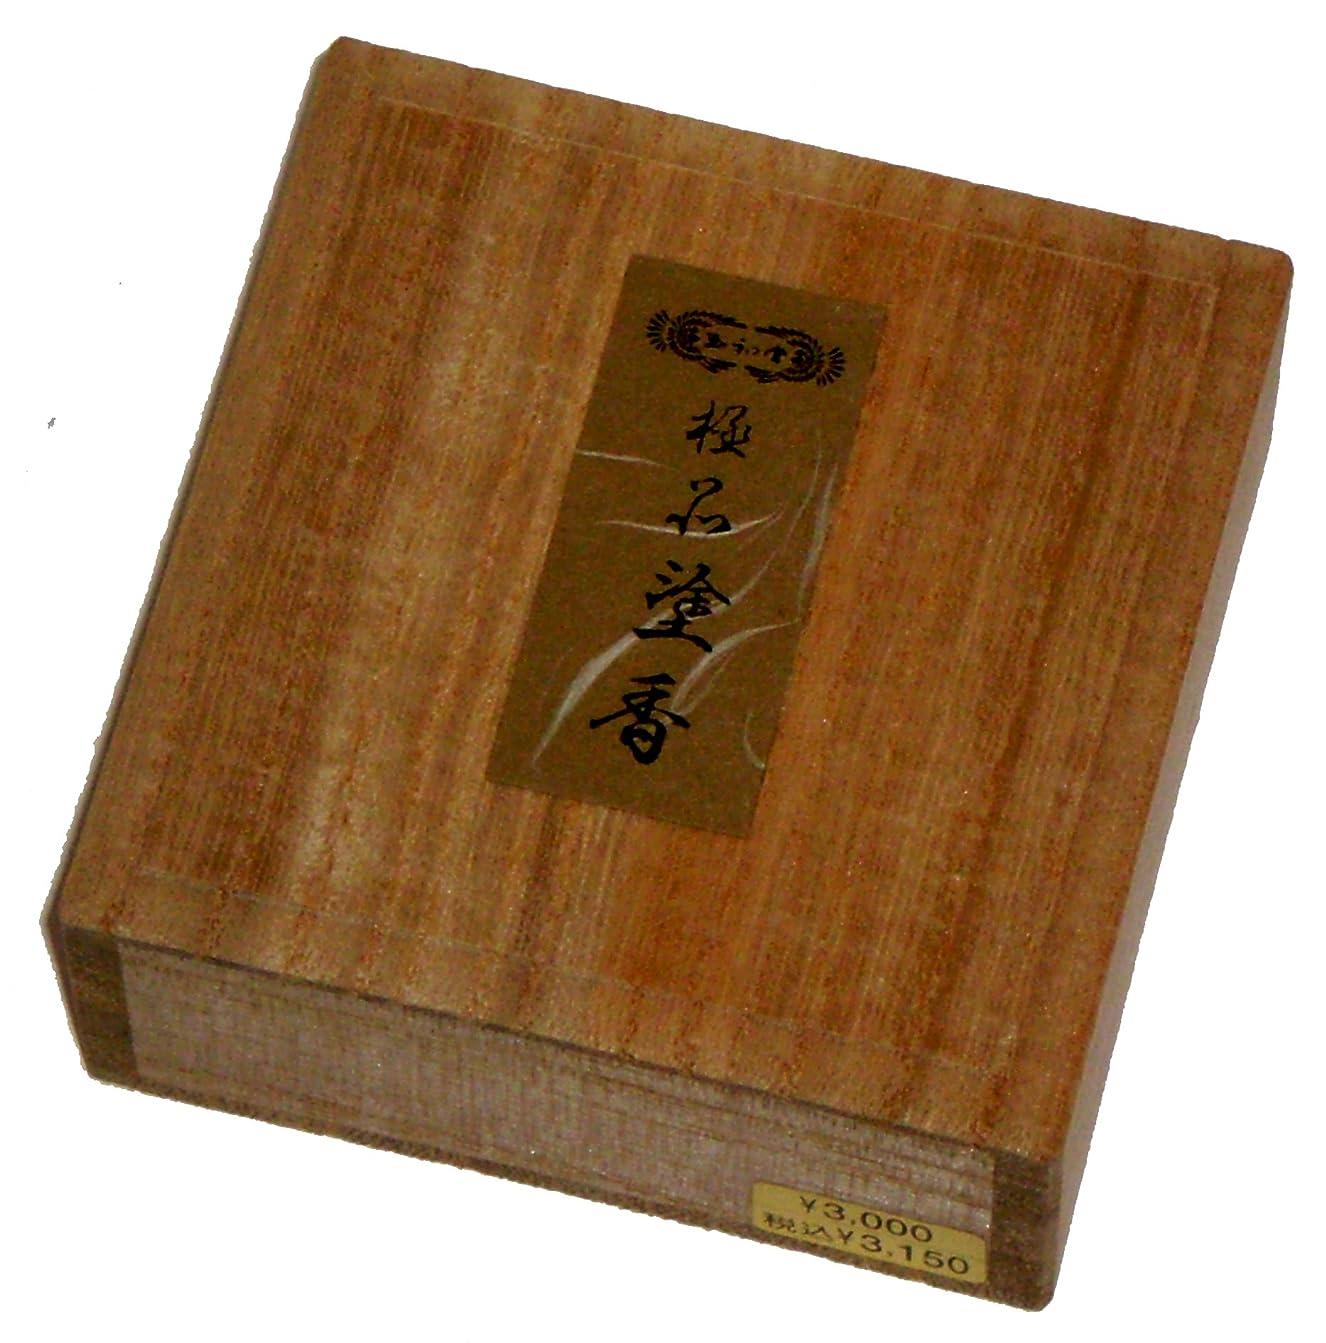 病弱クライマックスヶ月目玉初堂のお香 極品塗香 15g 桐箱 #835